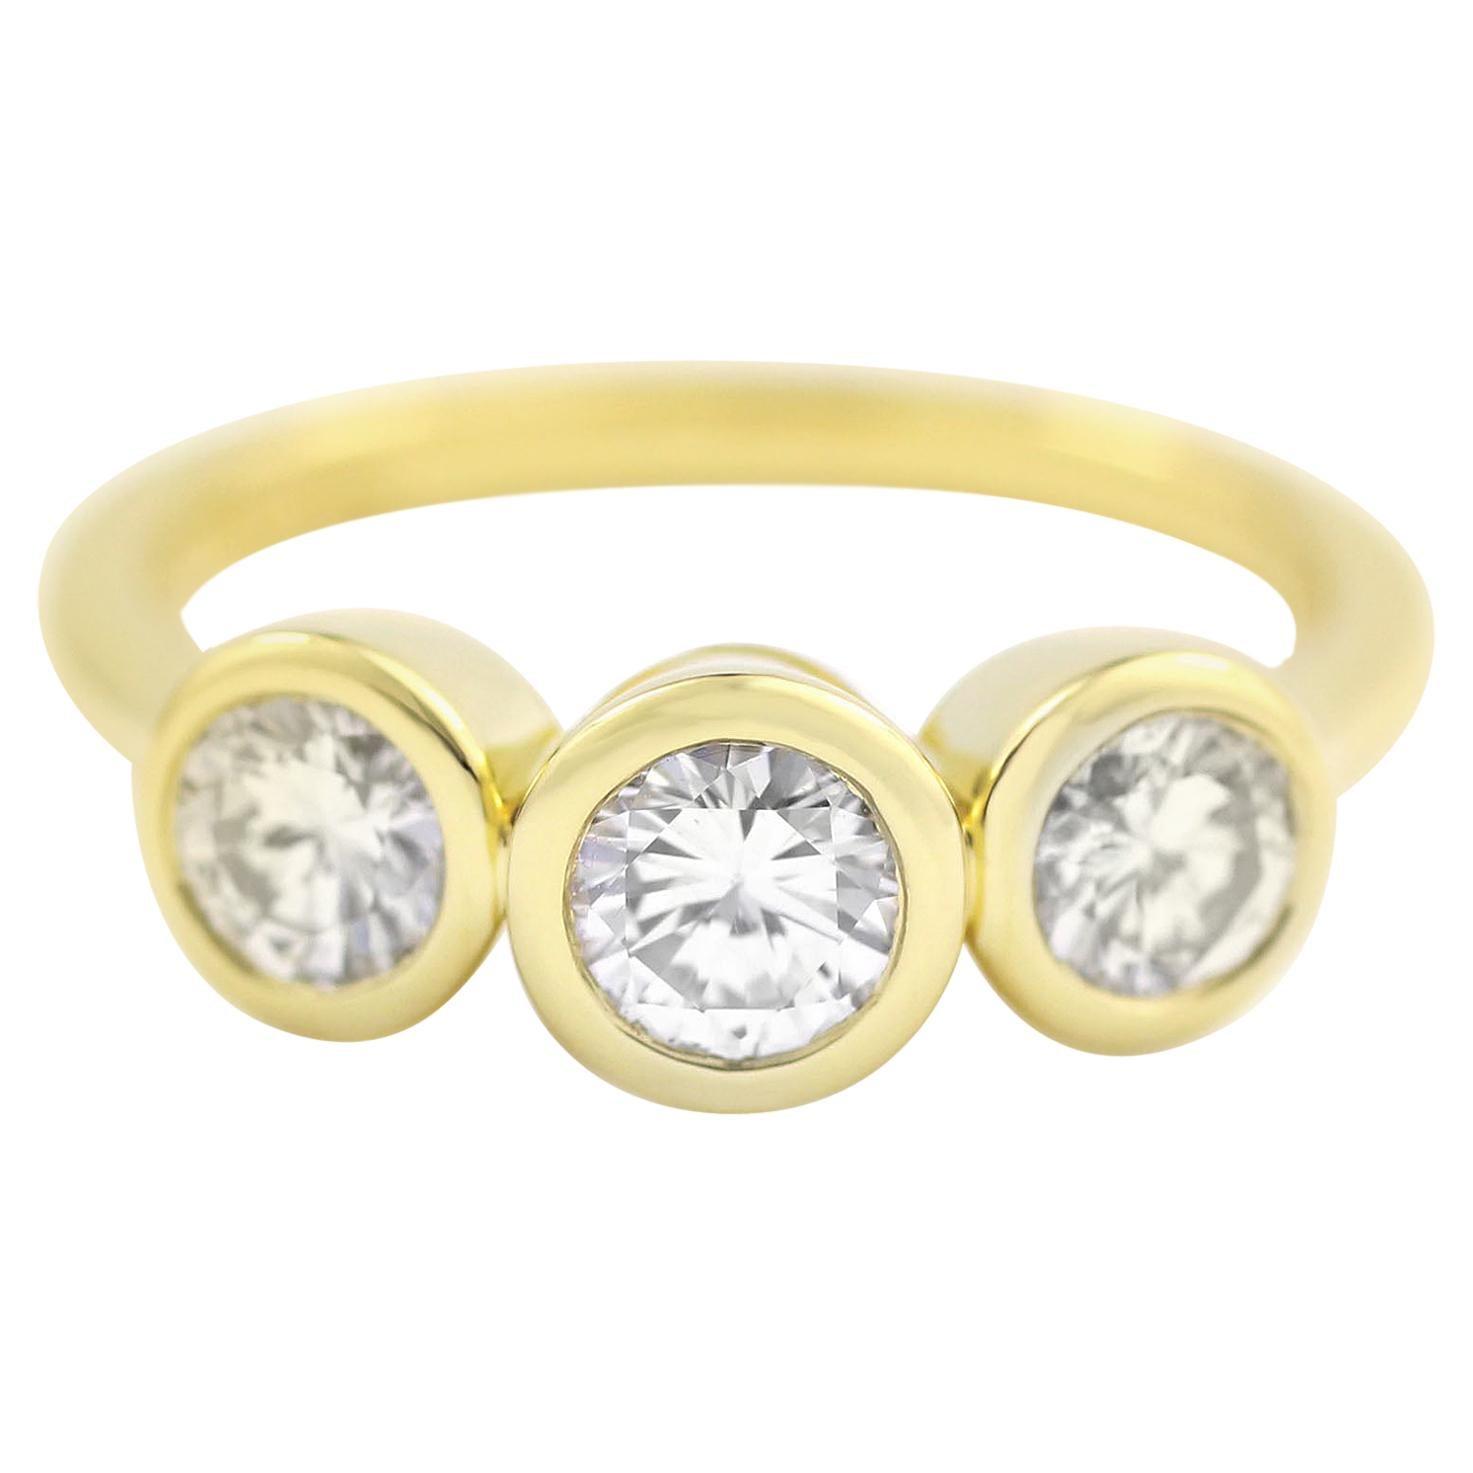 Julius Cohen Diamond Trio Ring